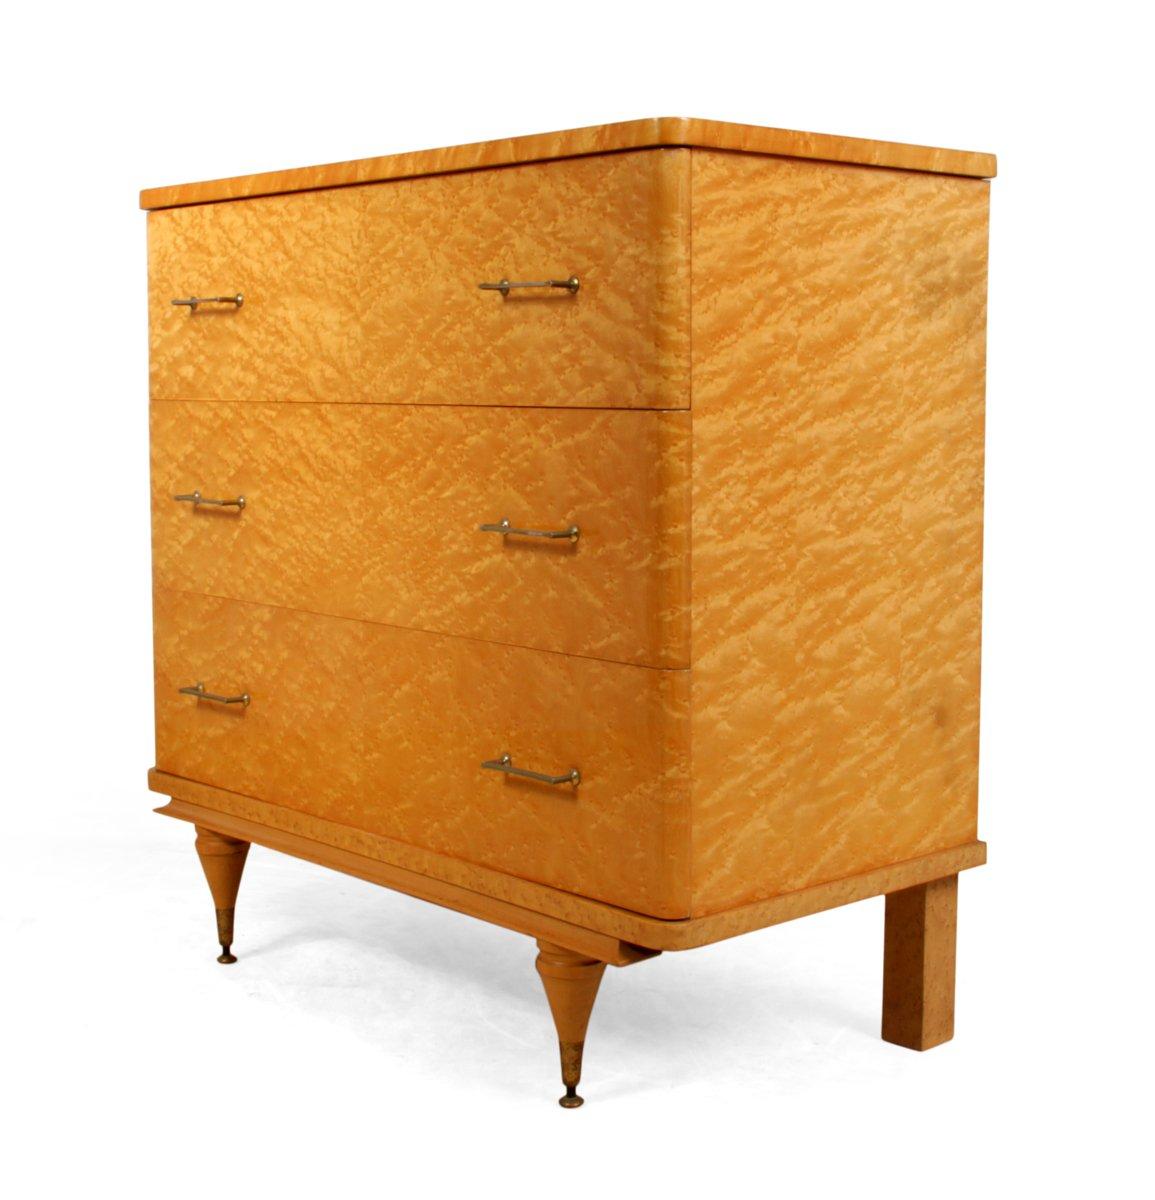 italienische kommode aus vogelaugenahorn 1950er bei. Black Bedroom Furniture Sets. Home Design Ideas